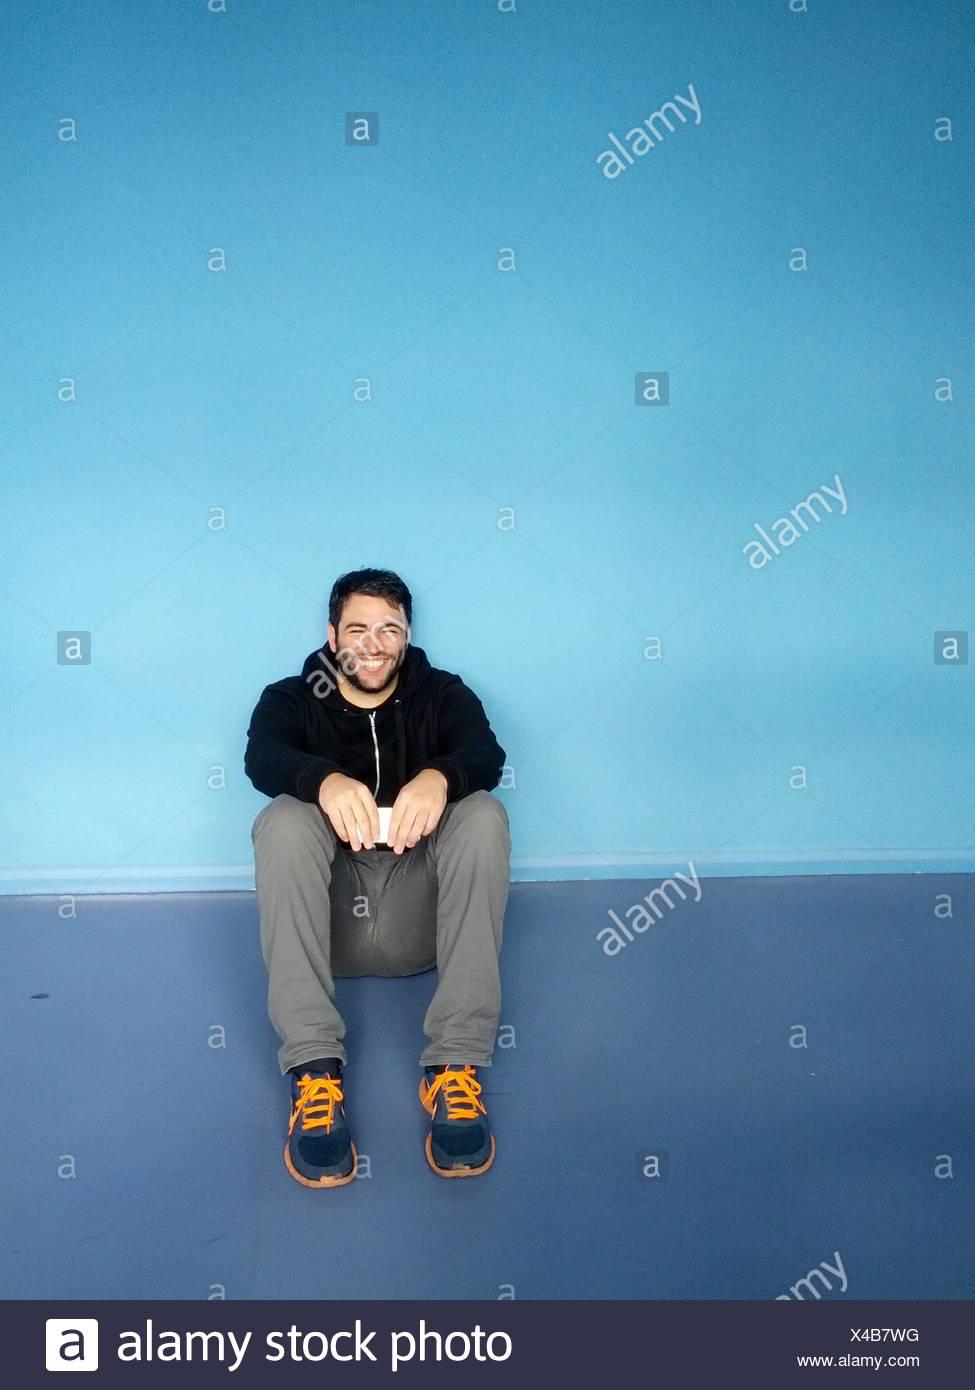 Retrato de una sonriente joven sentada contra la pared azul Imagen De Stock